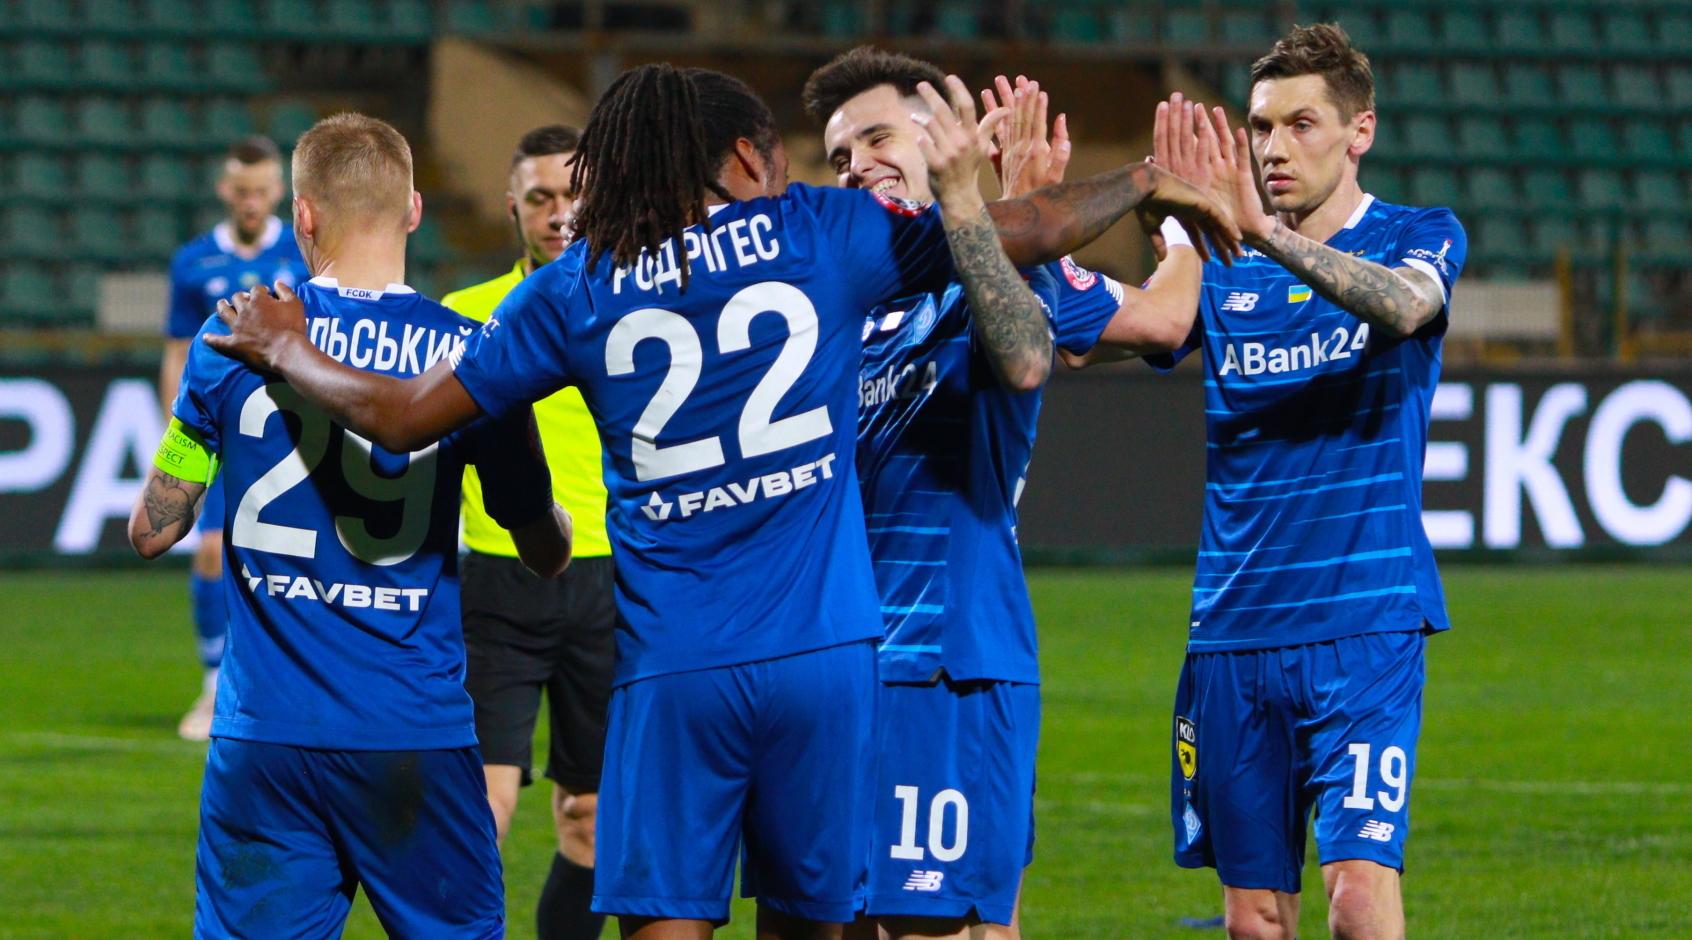 """У """"Динамо"""" самый высокий xG в сезоне, а у их соперников - в два раза меньше, чем у других клубов"""